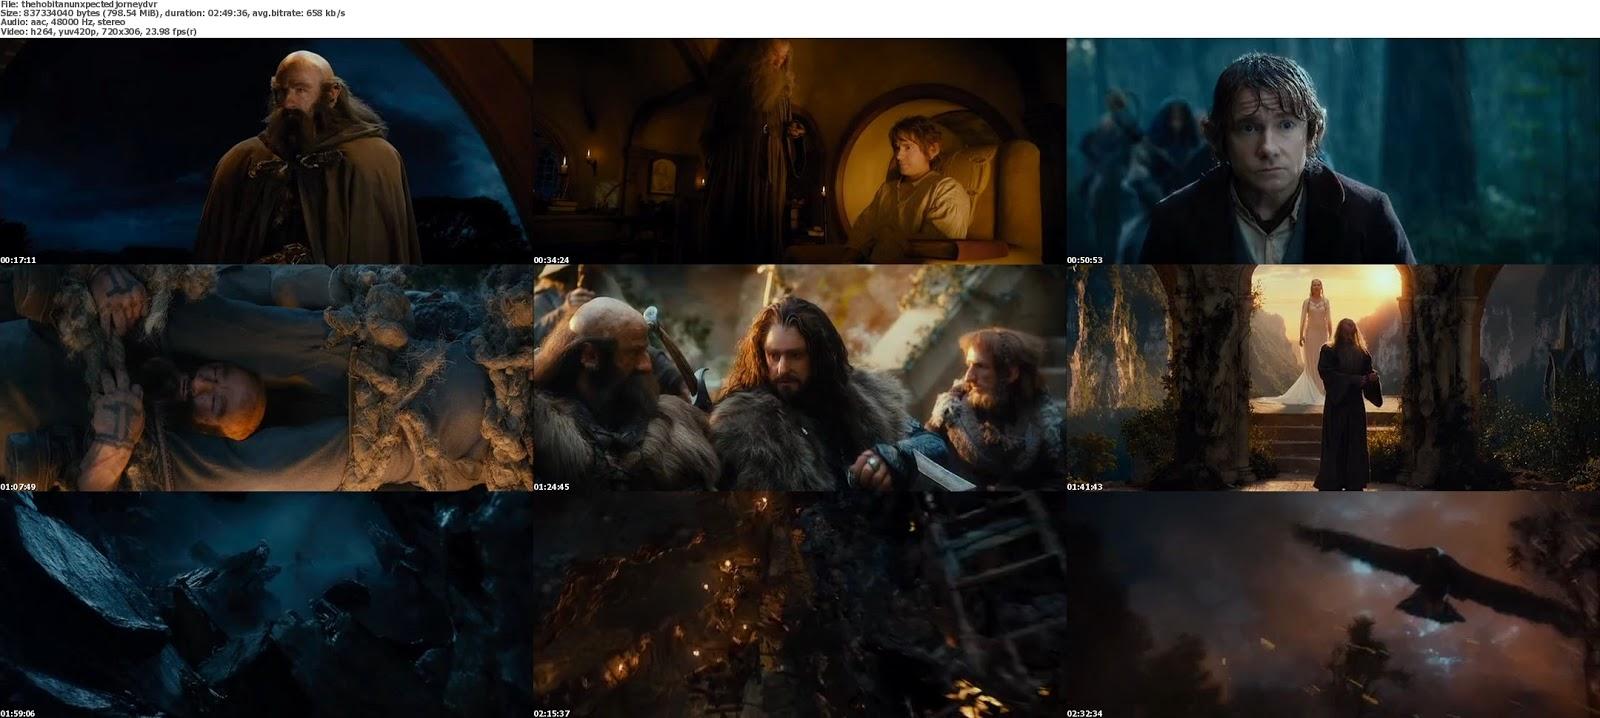 The Hobbit An Unexpected Journey is het eerste deel van een driedelige filmreeks gebaseerd op het gelijknamige boek van JRR Tolkien Oorspronkelijk zou het